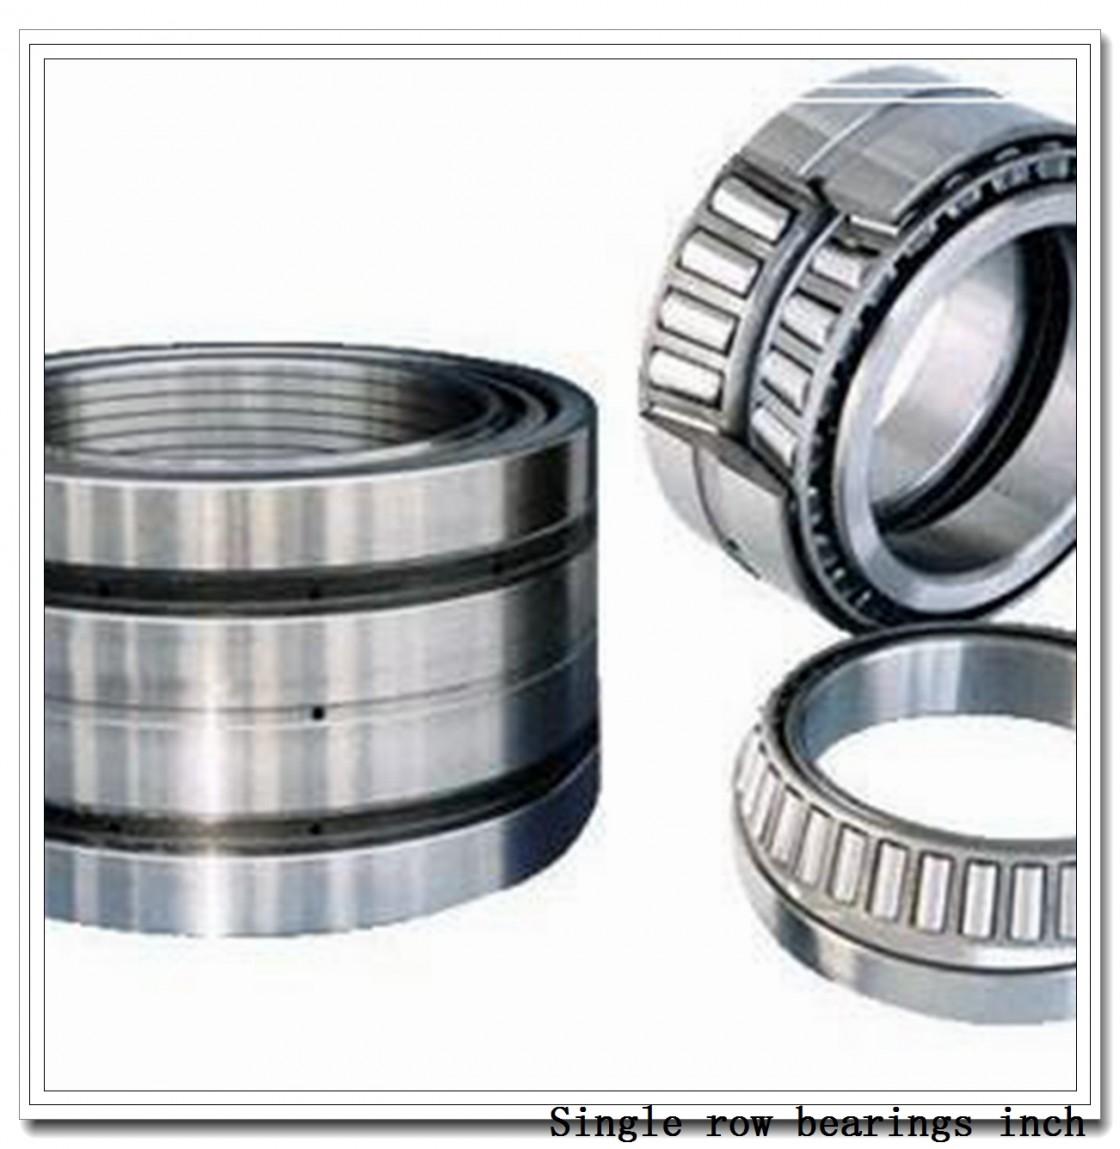 32320 Single row bearings inch